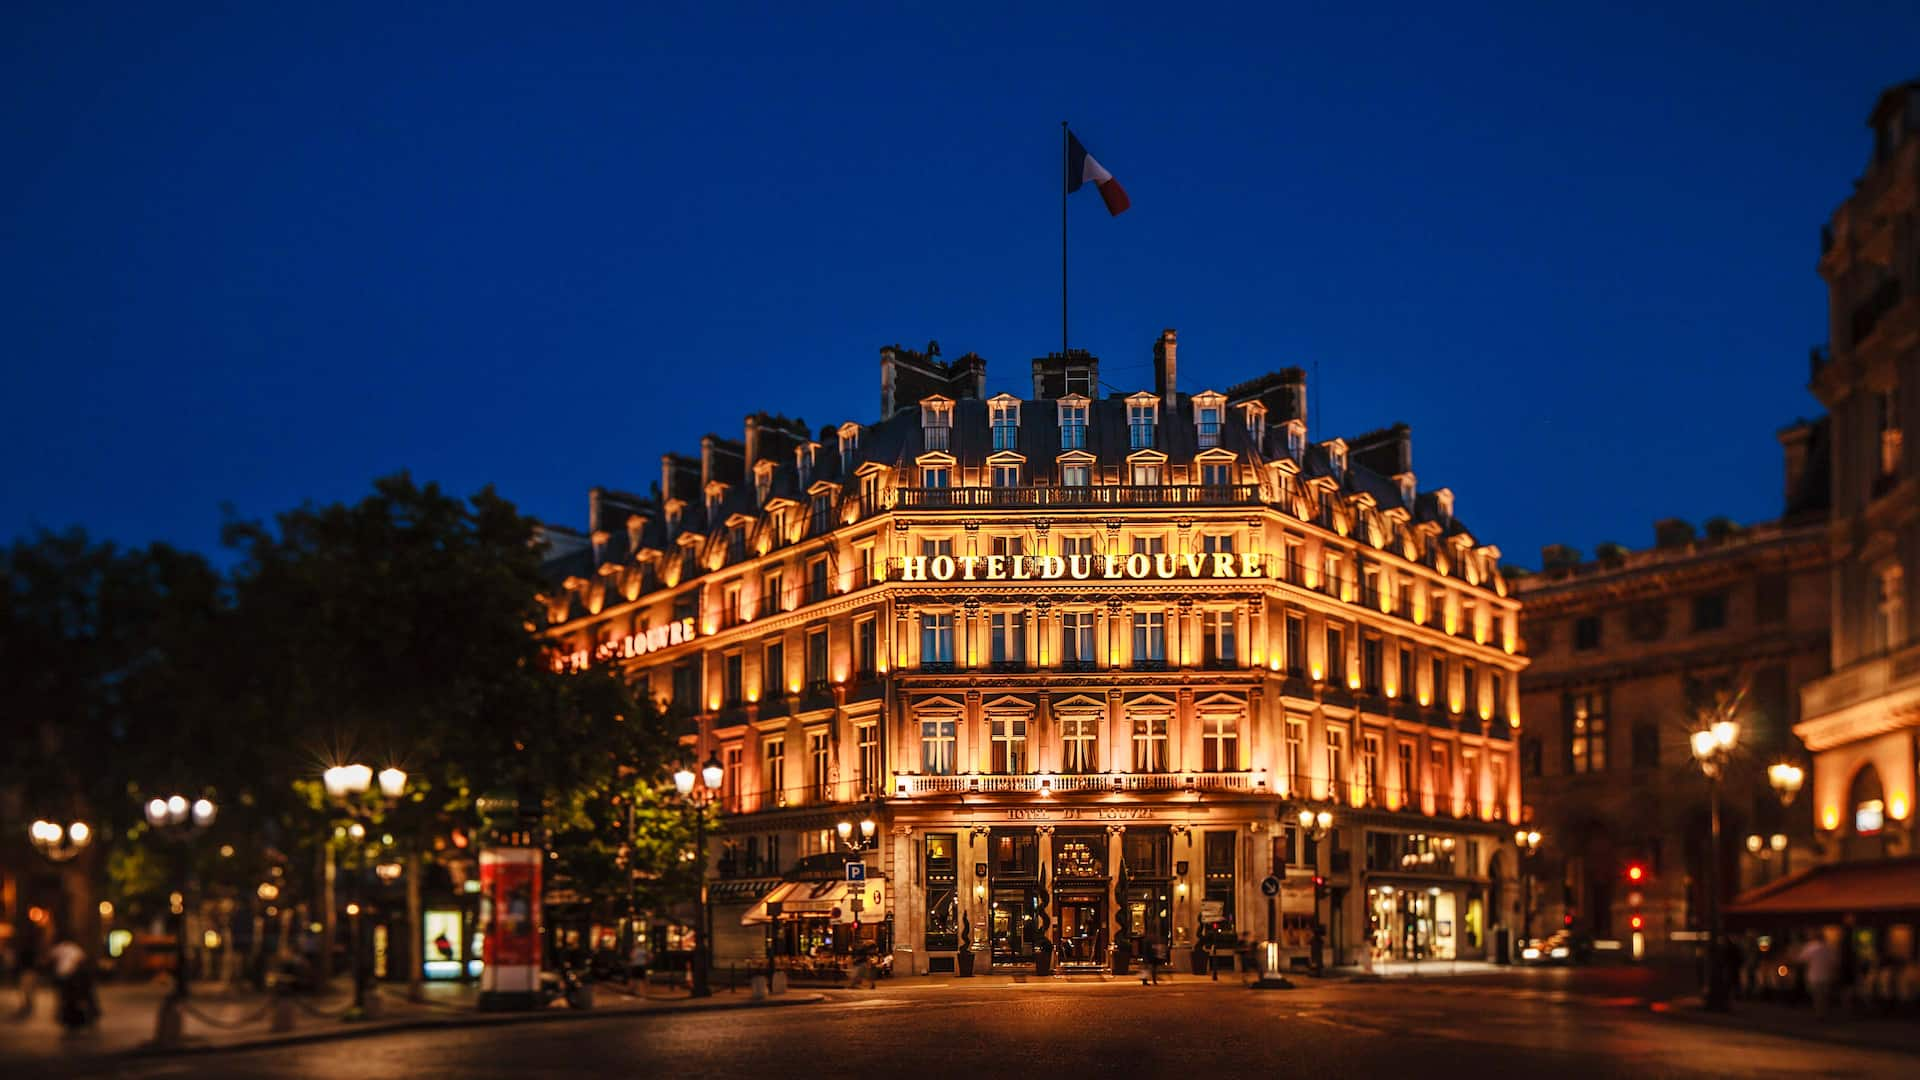 Hotel du Louvre Facade